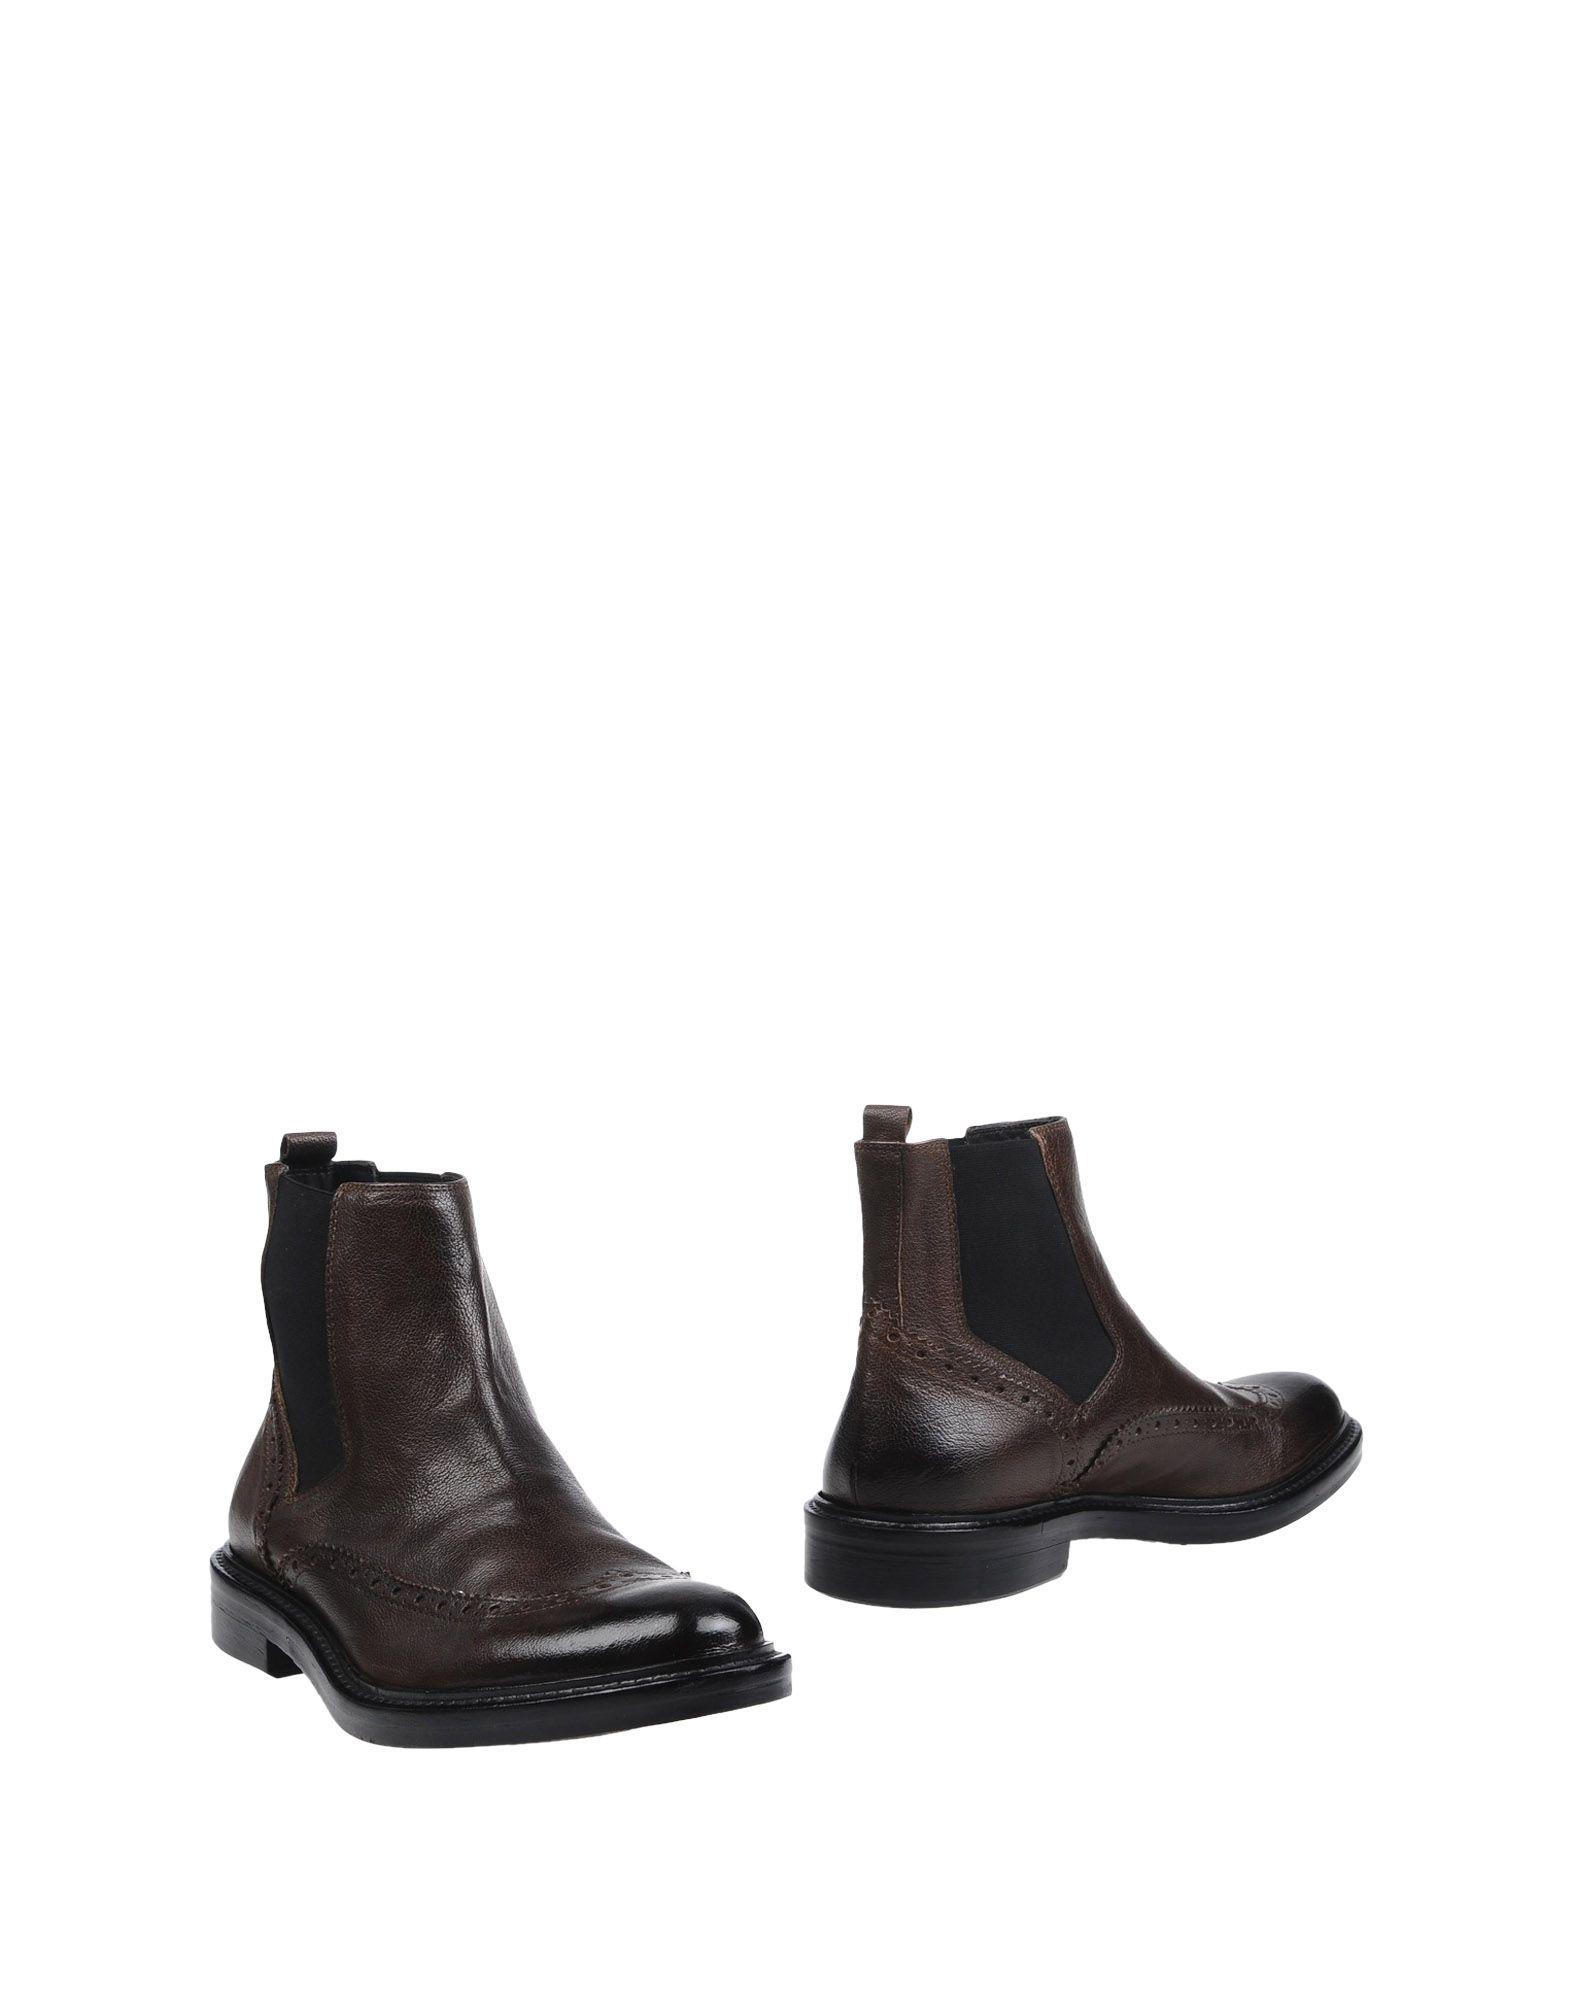 Haltbare Mode billige Schuhe Kingston Stiefelette Herren  11266511SP Heiße Schuhe